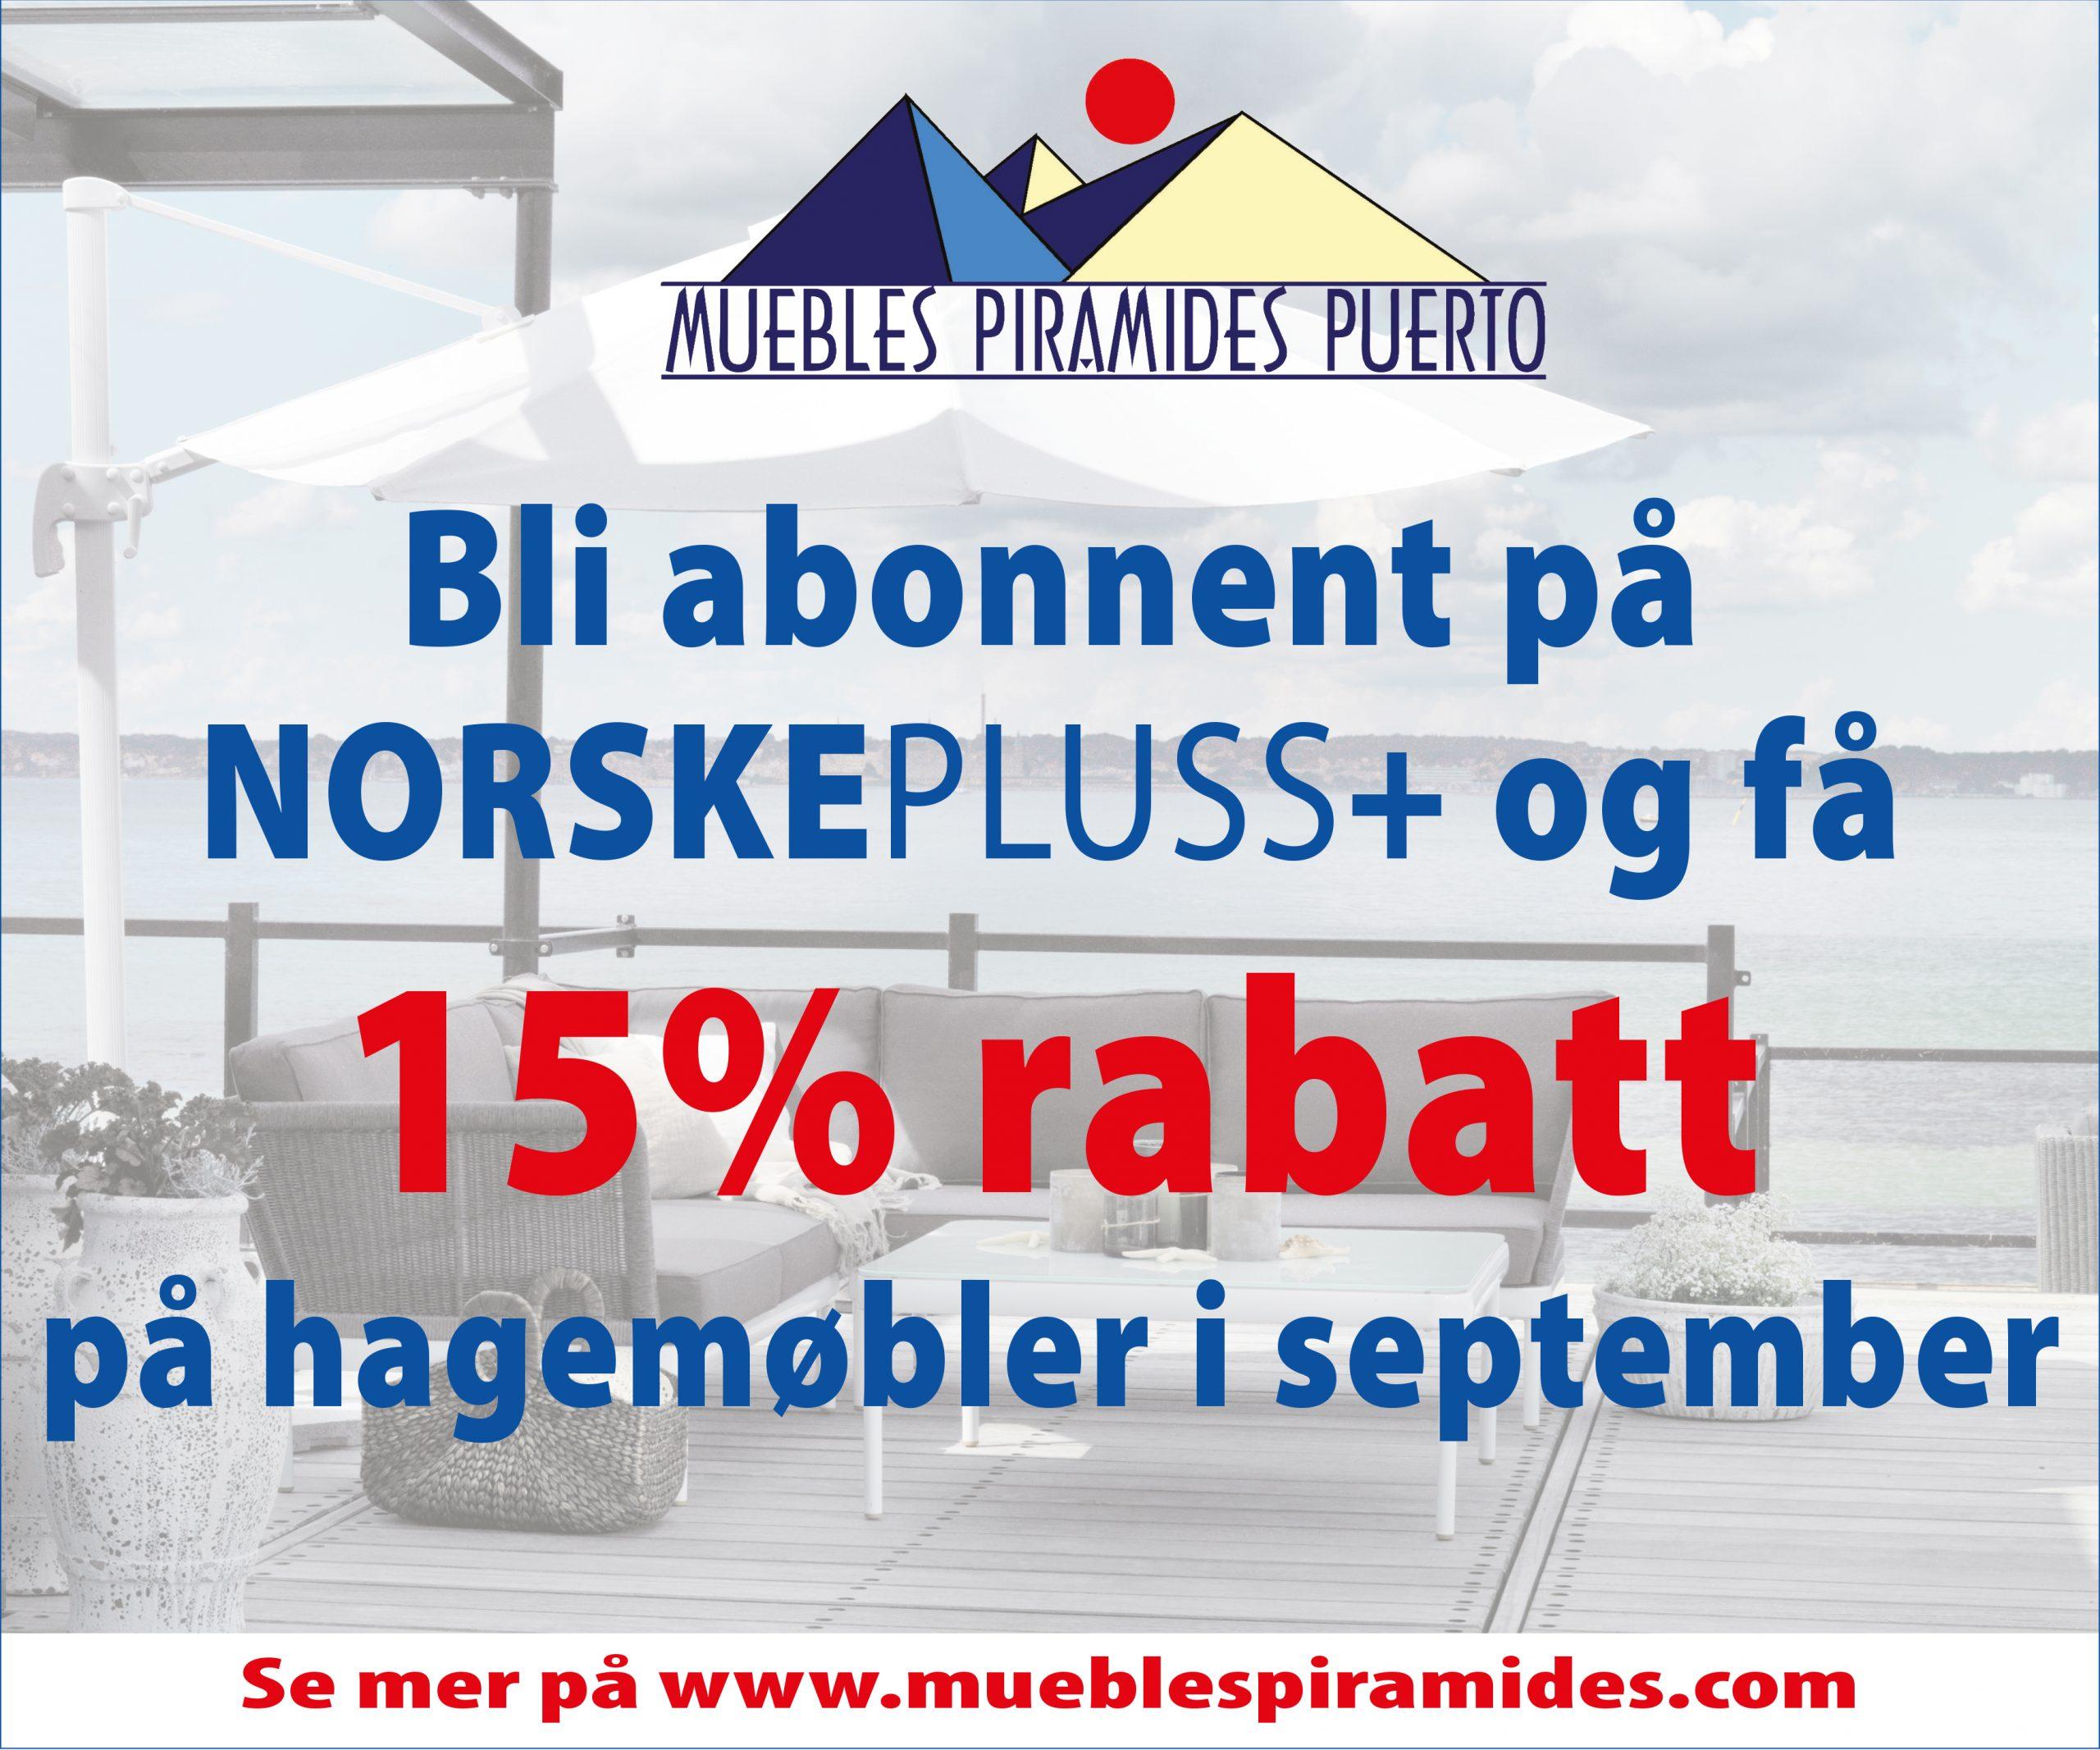 15% rabatt på hagemøbler i september